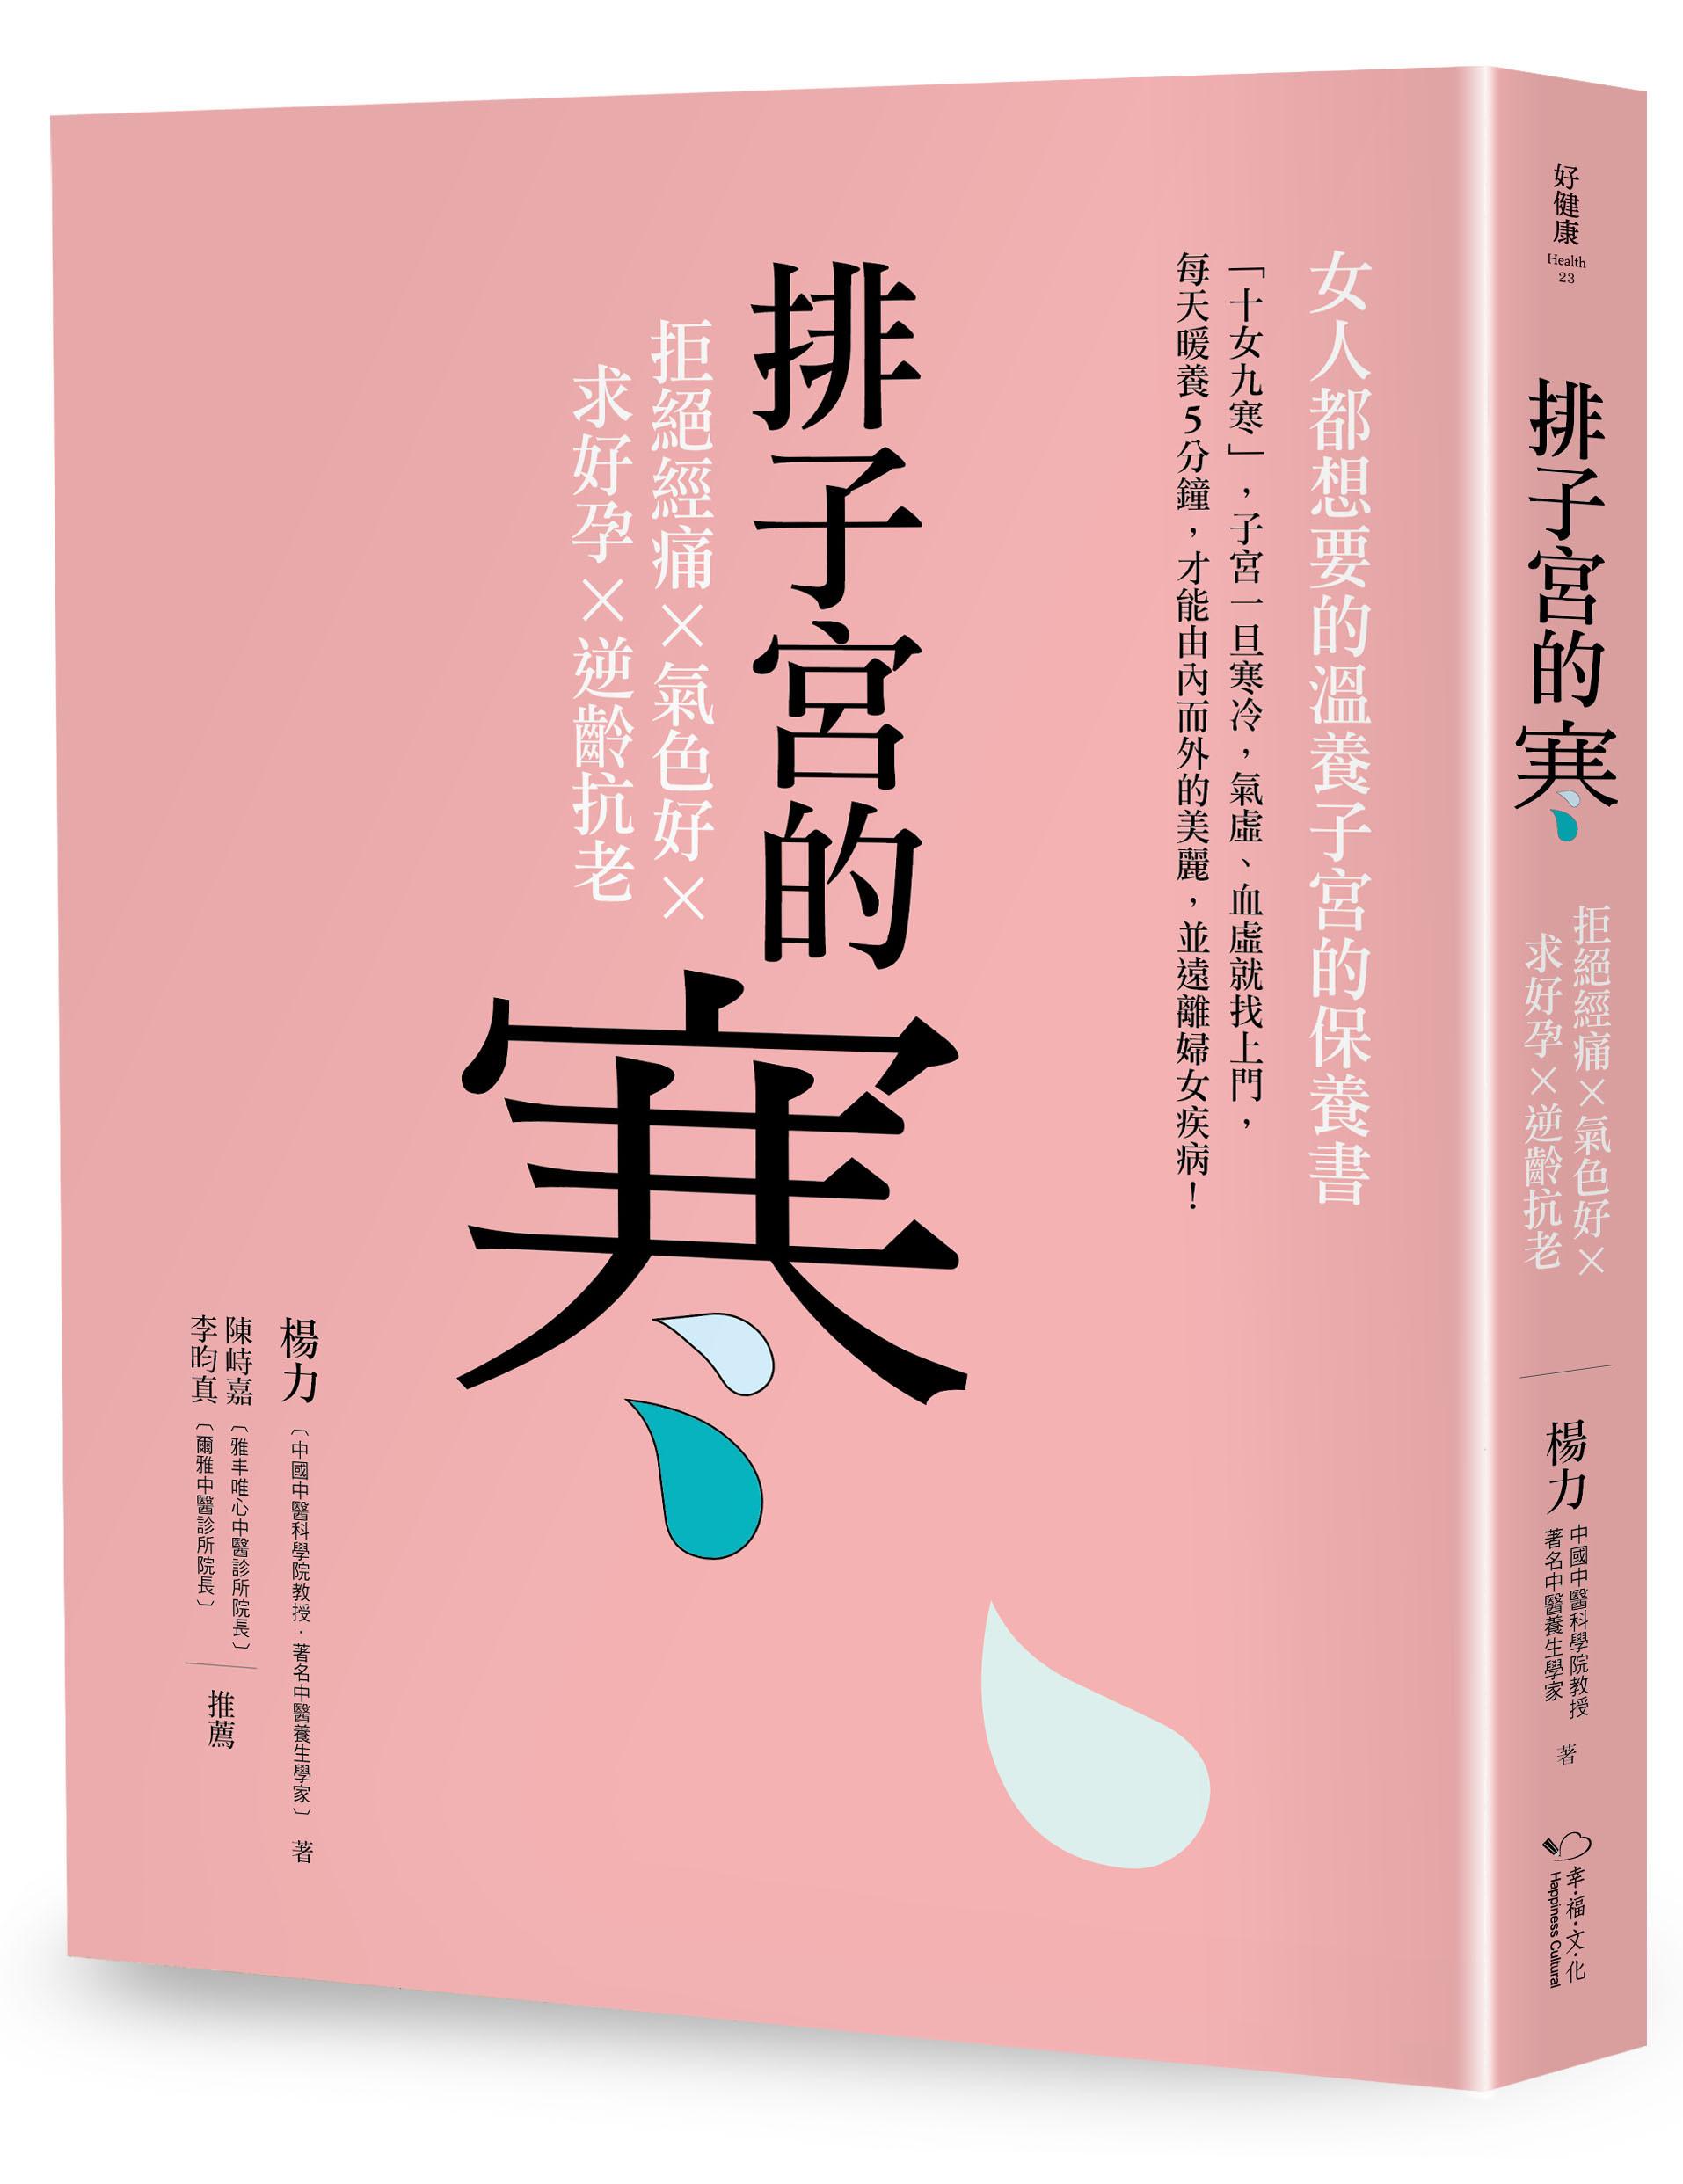 ▲▼書籍《排除子宮的寒》。(圖/幸福文化提供,請勿隨意翻拍,以免侵權。)